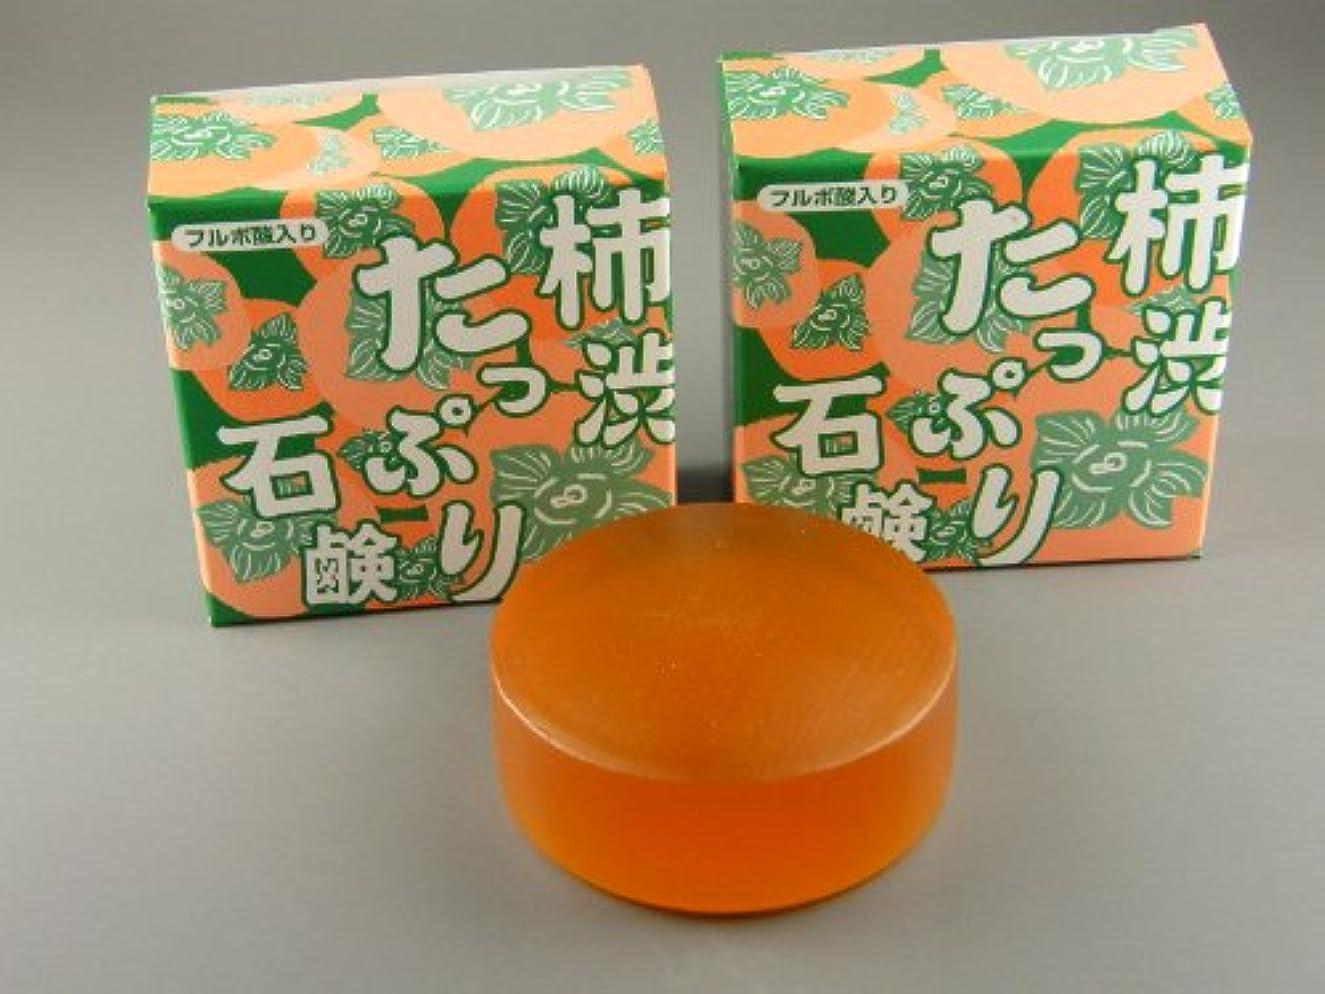 パパ十二ワイド柿渋たっぷり石鹸 お得な3個パック(フルボ酸入り)